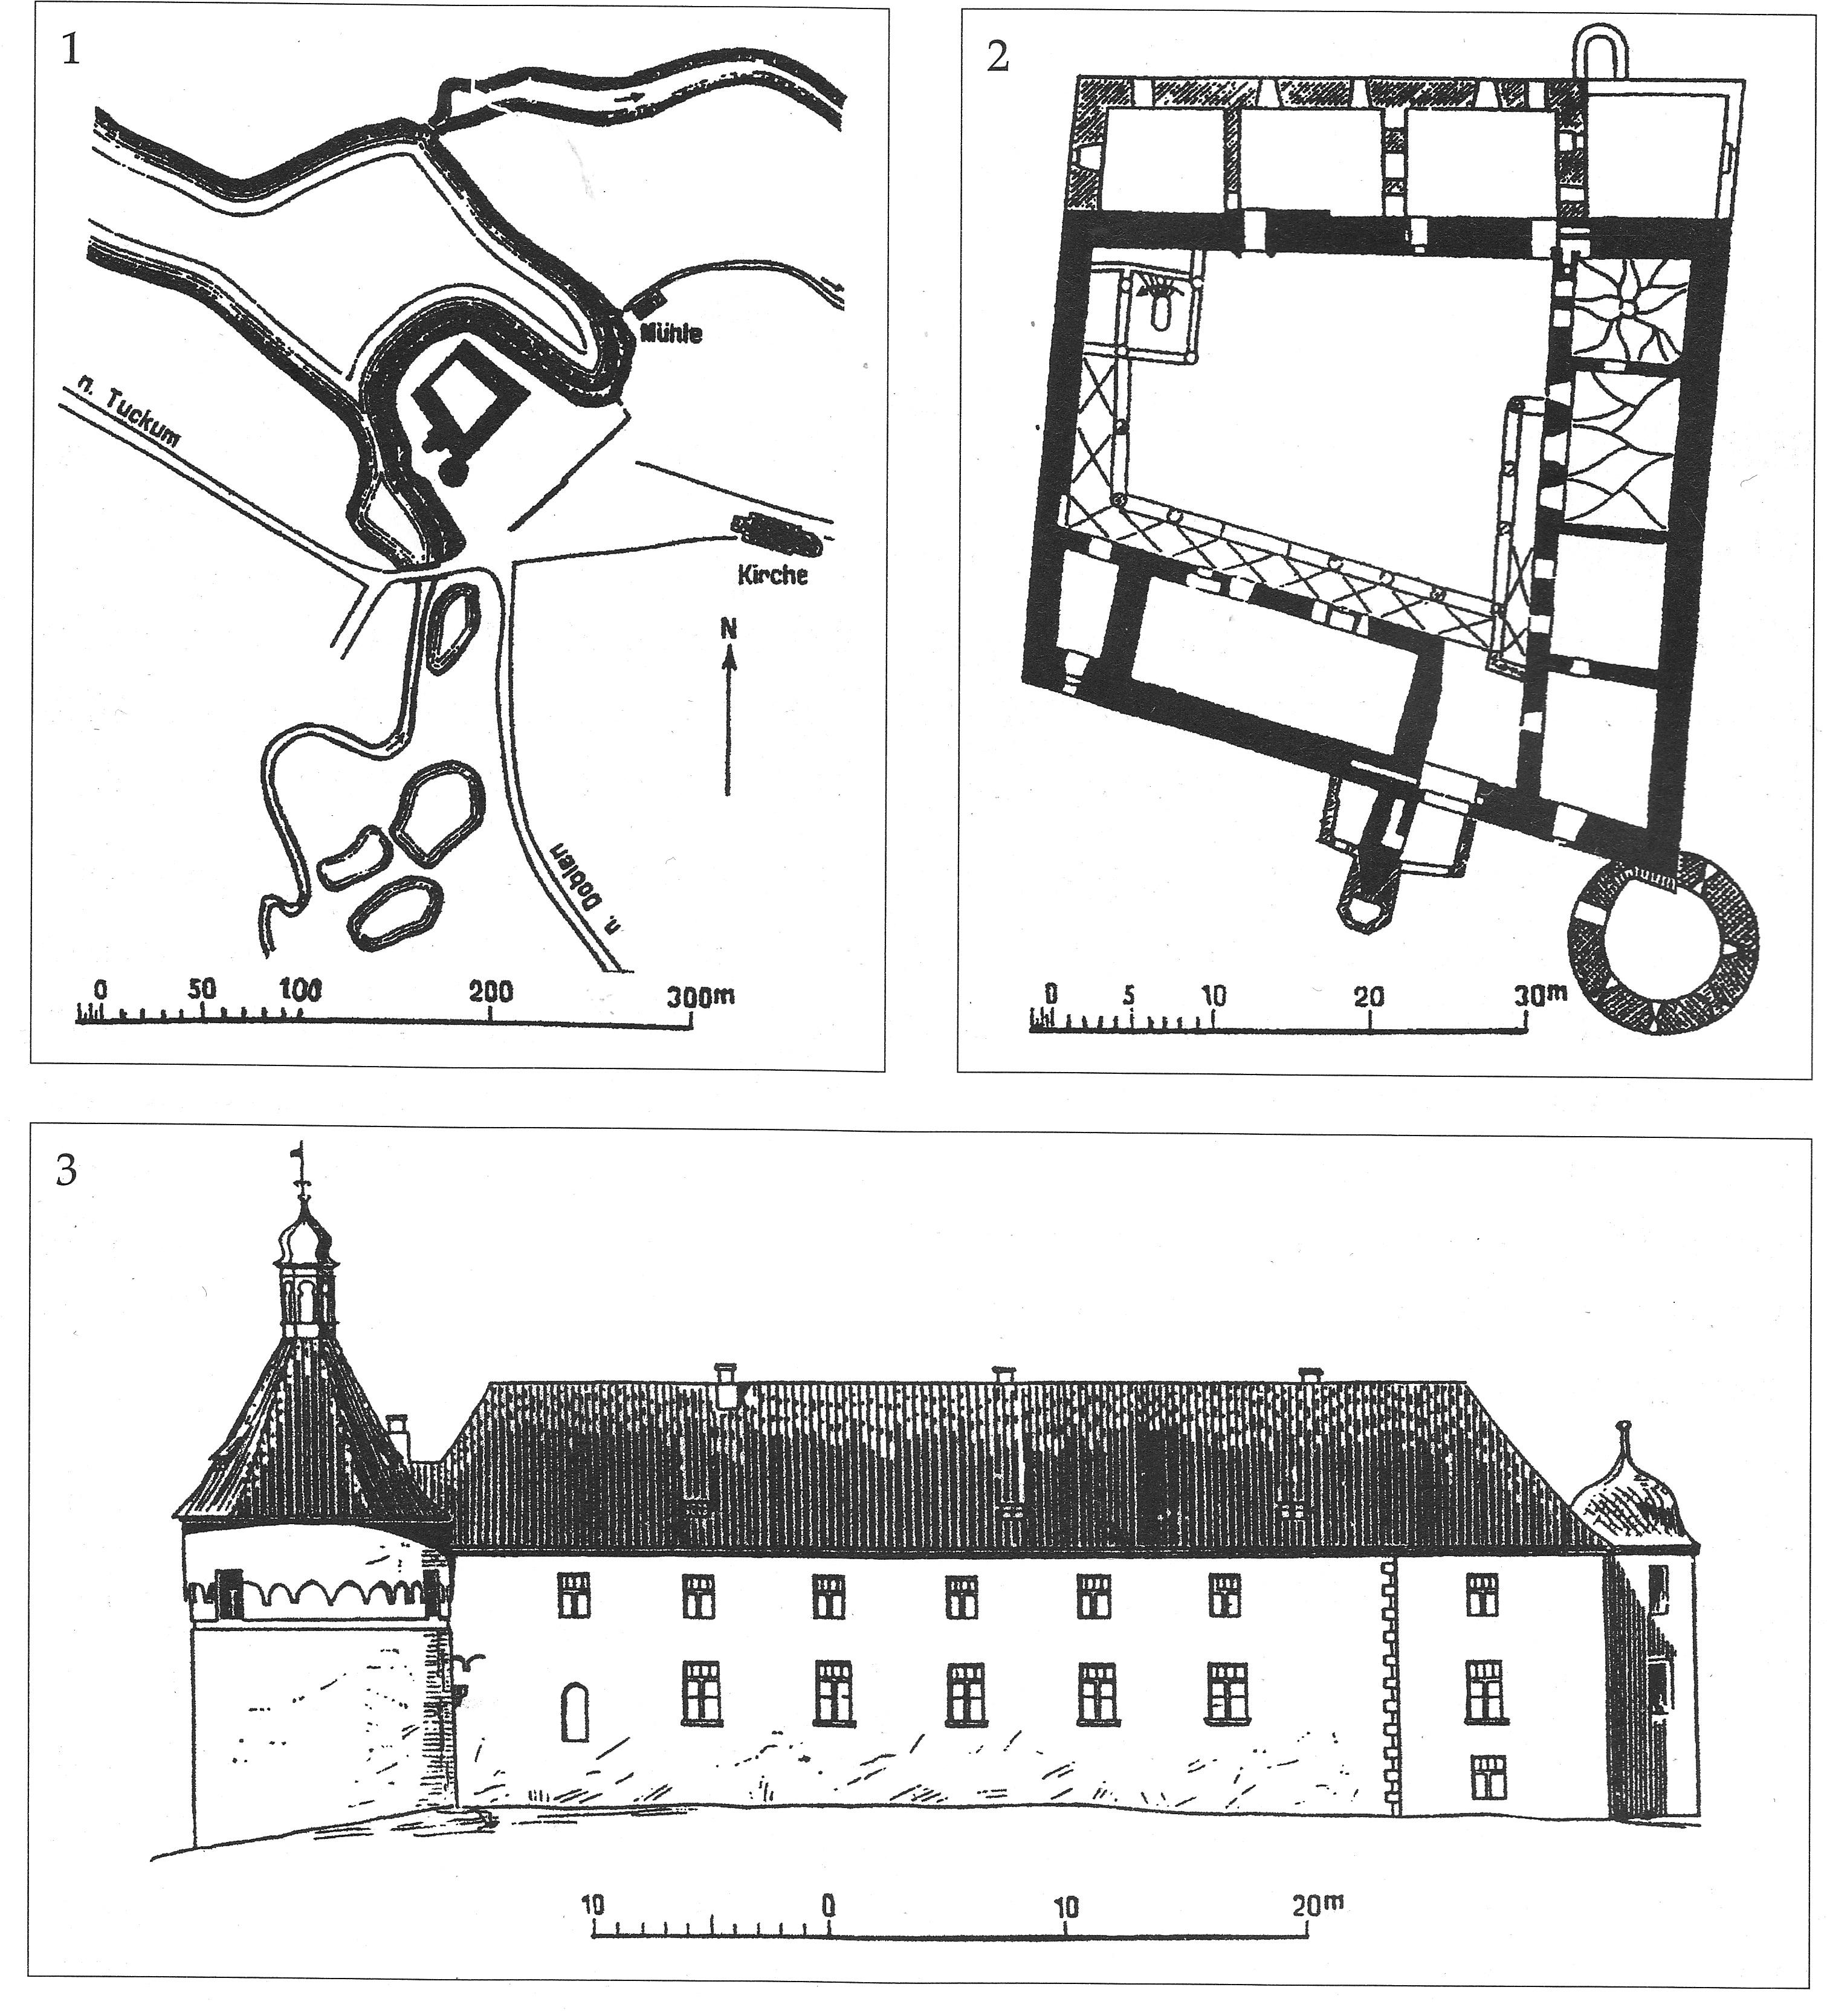 Схема расположения, план замка и юго-восточный фасад замка. Рисунок из статьи Schmid B. Die Burgen des deutschen Ritterordens in Kurland.